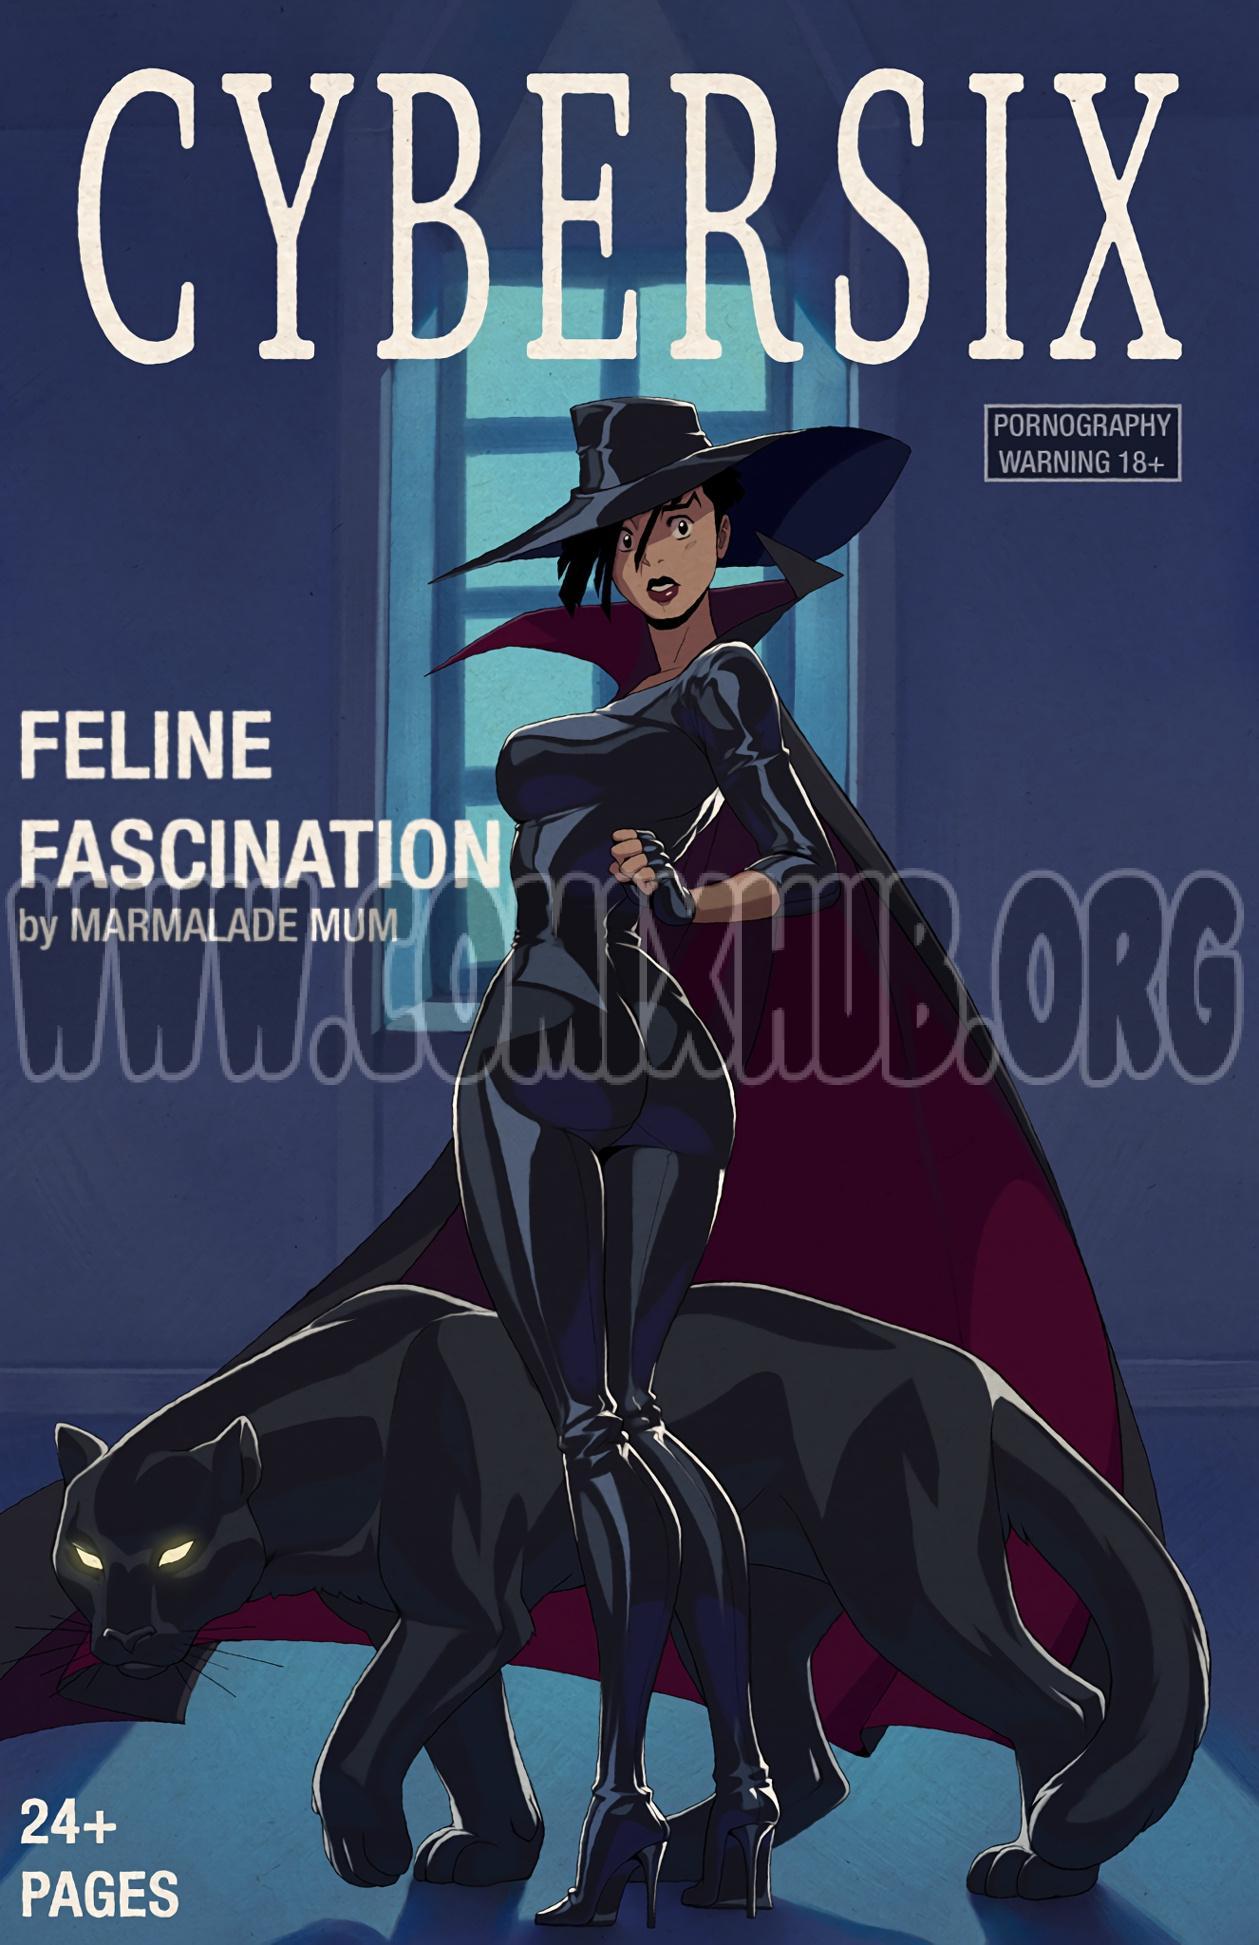 Feline Fascination Oral sex, Bestiality, cunnilingus